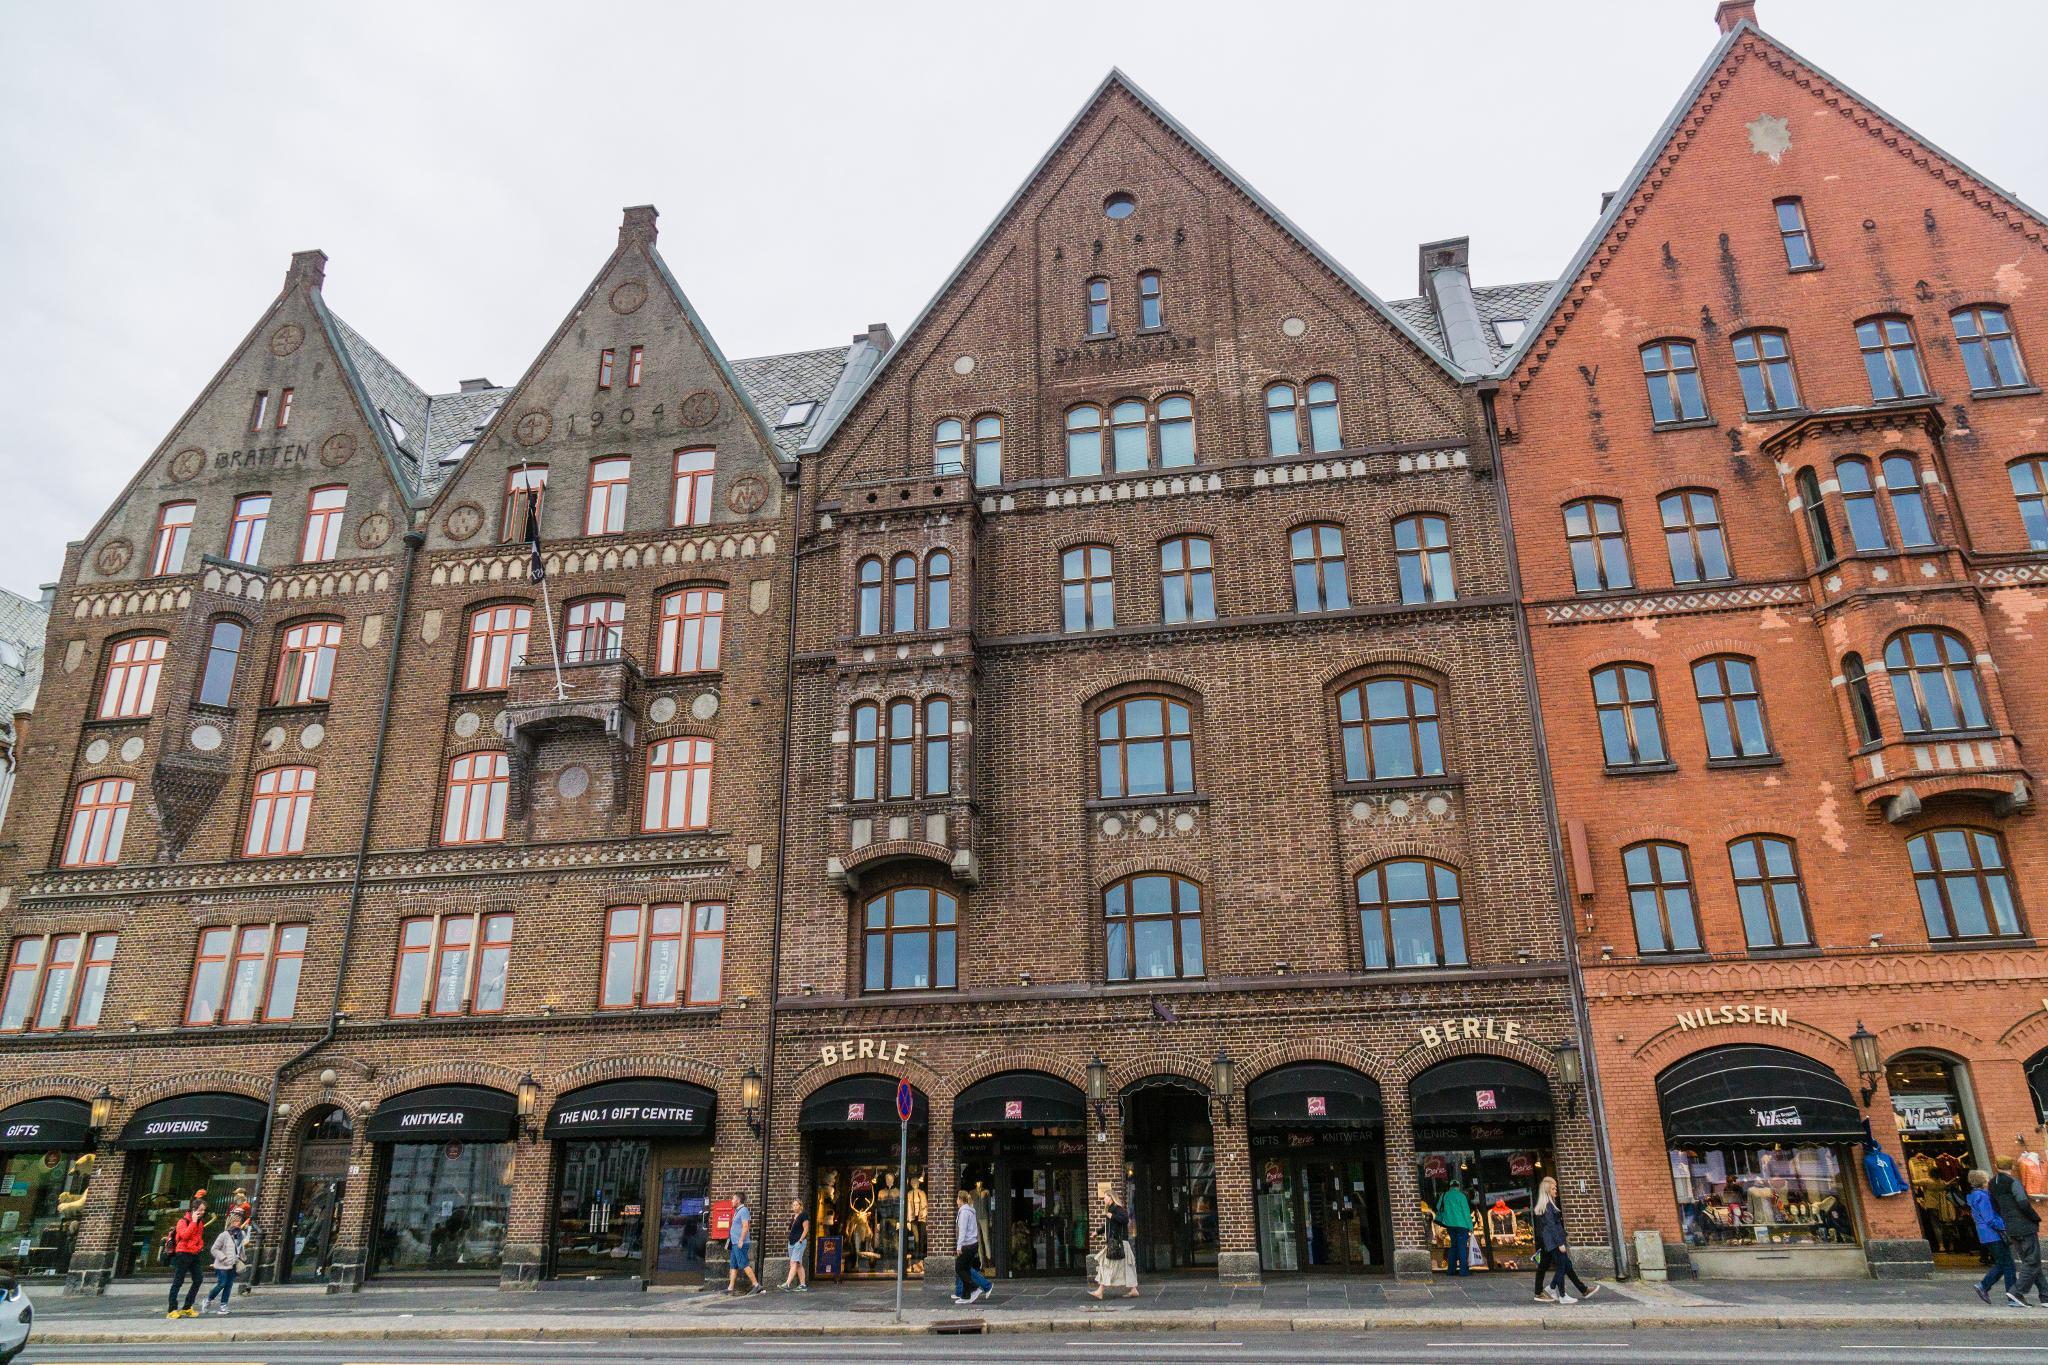 【卑爾根】童話北歐!卑爾根自由行景點全攻略 136